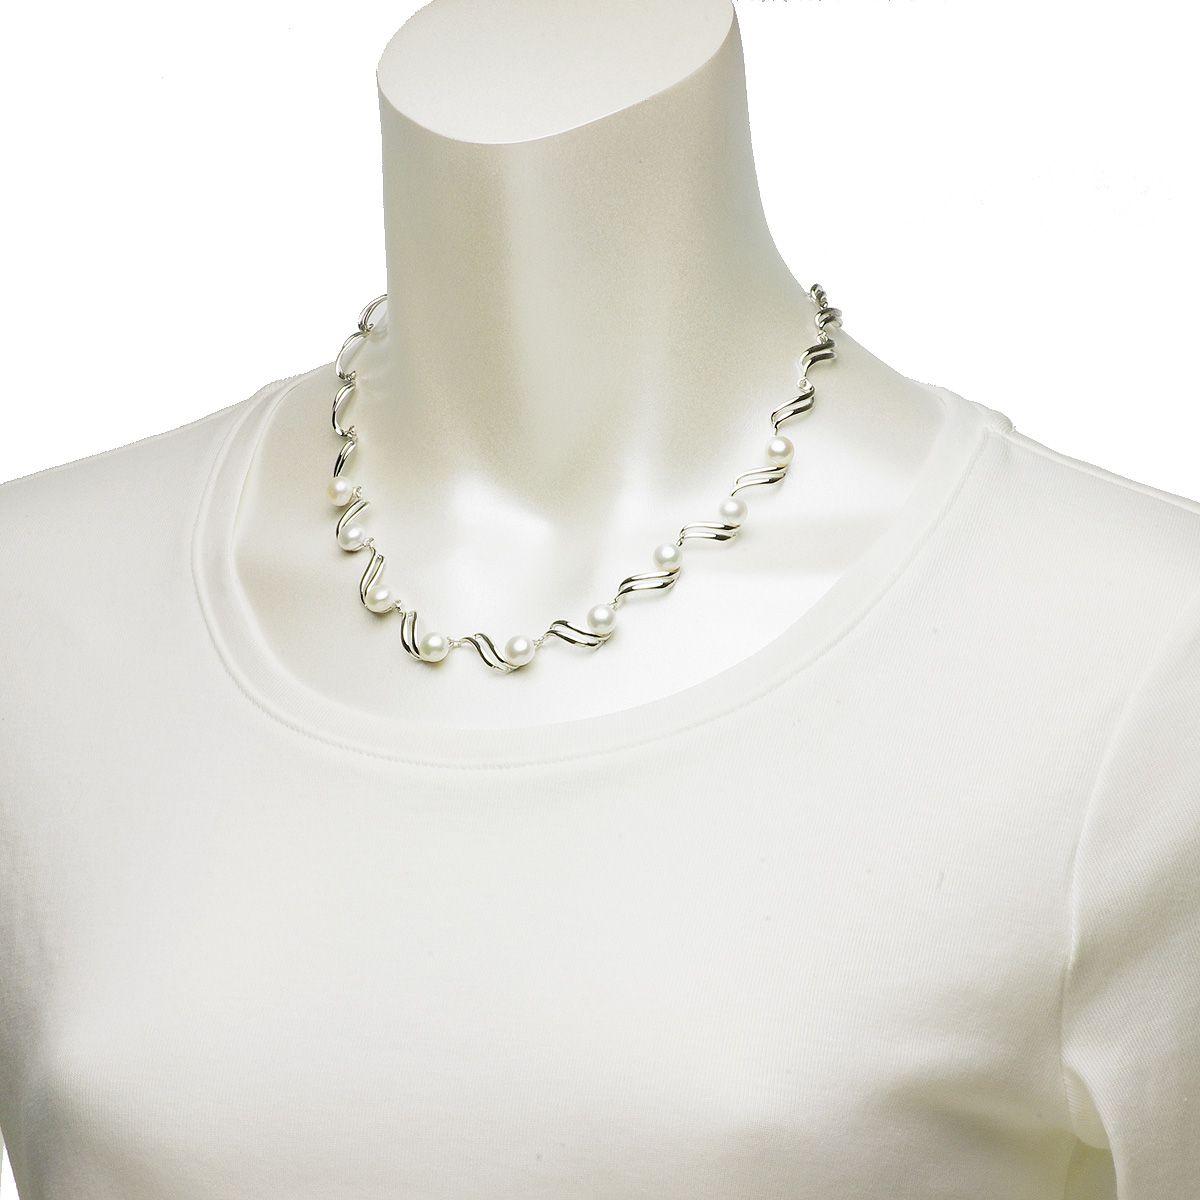 高級 淡水 真珠 パール オリジナル デザイン ネックレス 約6.5-7.0mm シルバー SV925 ボタンの写真